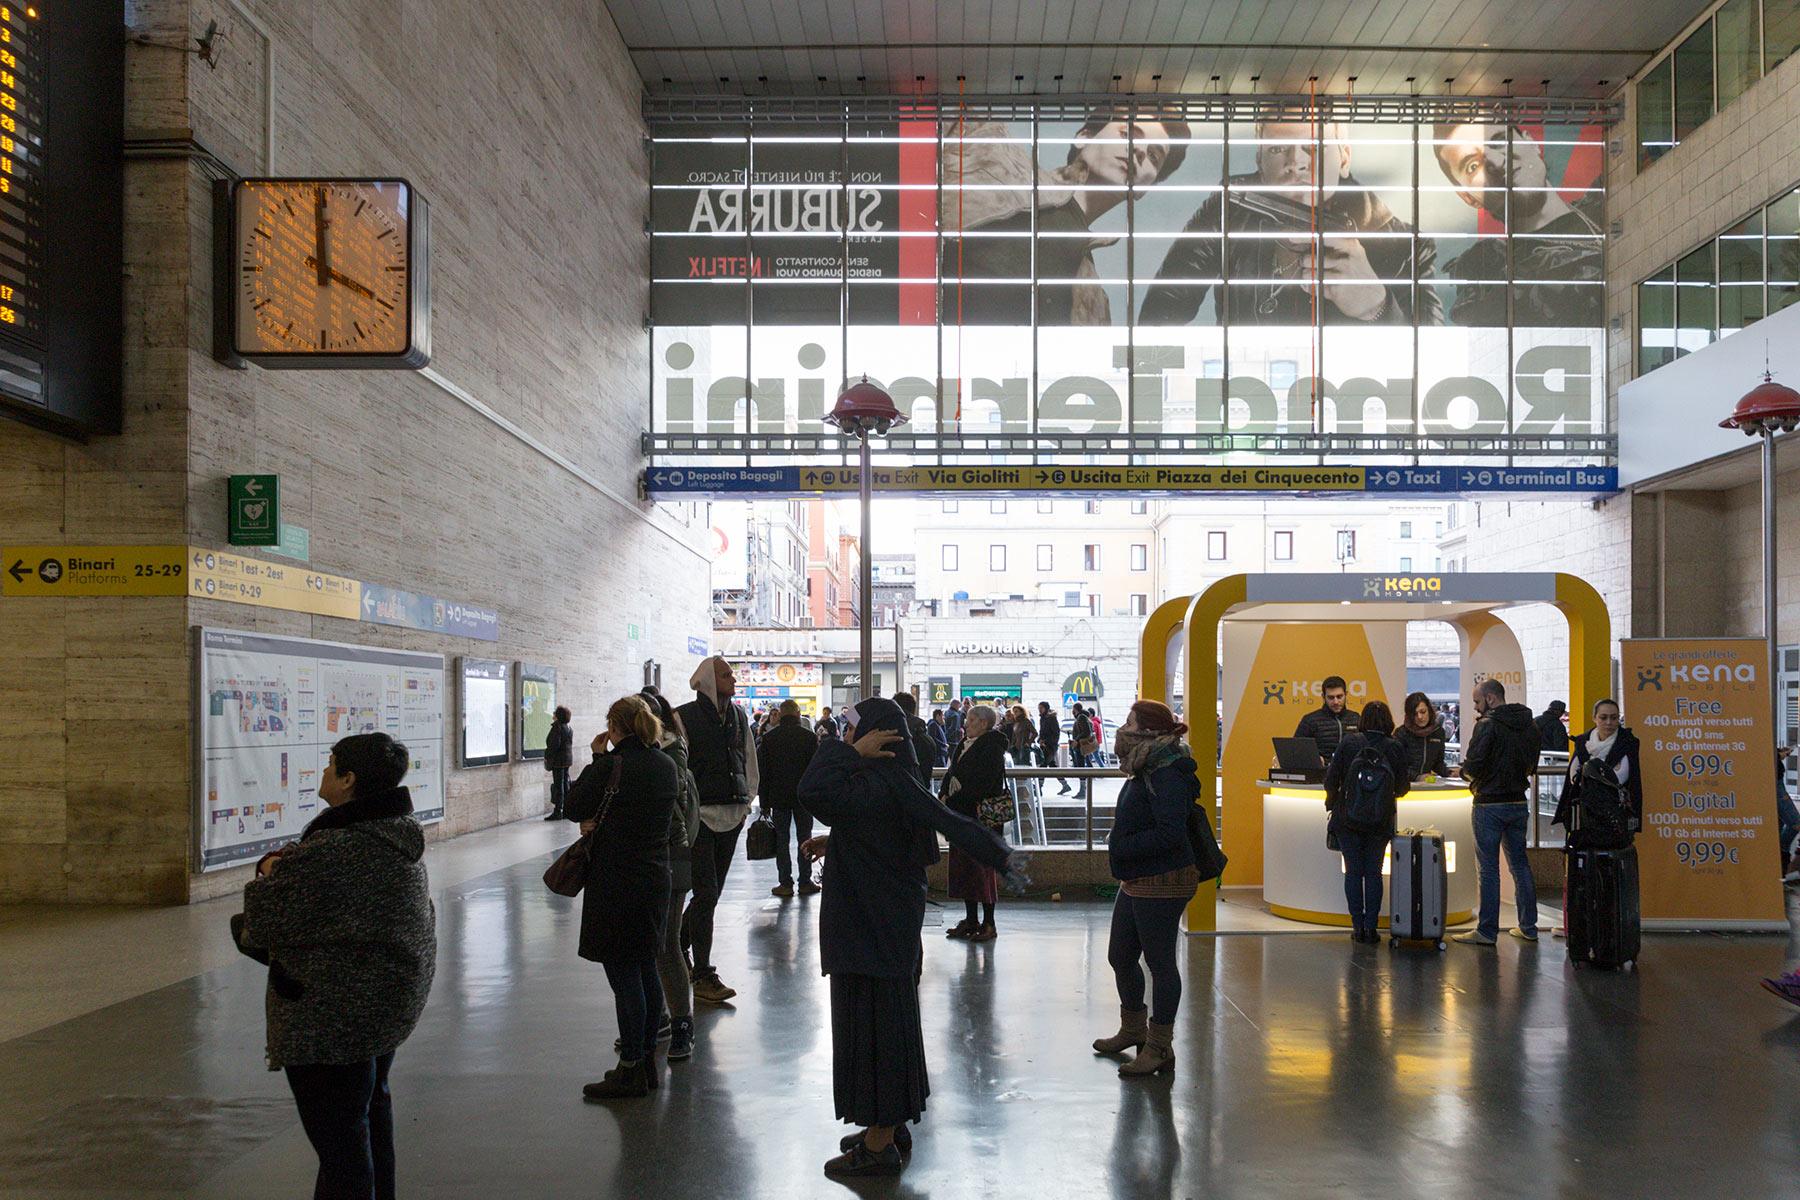 Stazione Termini © Tuulia Kolehmainen